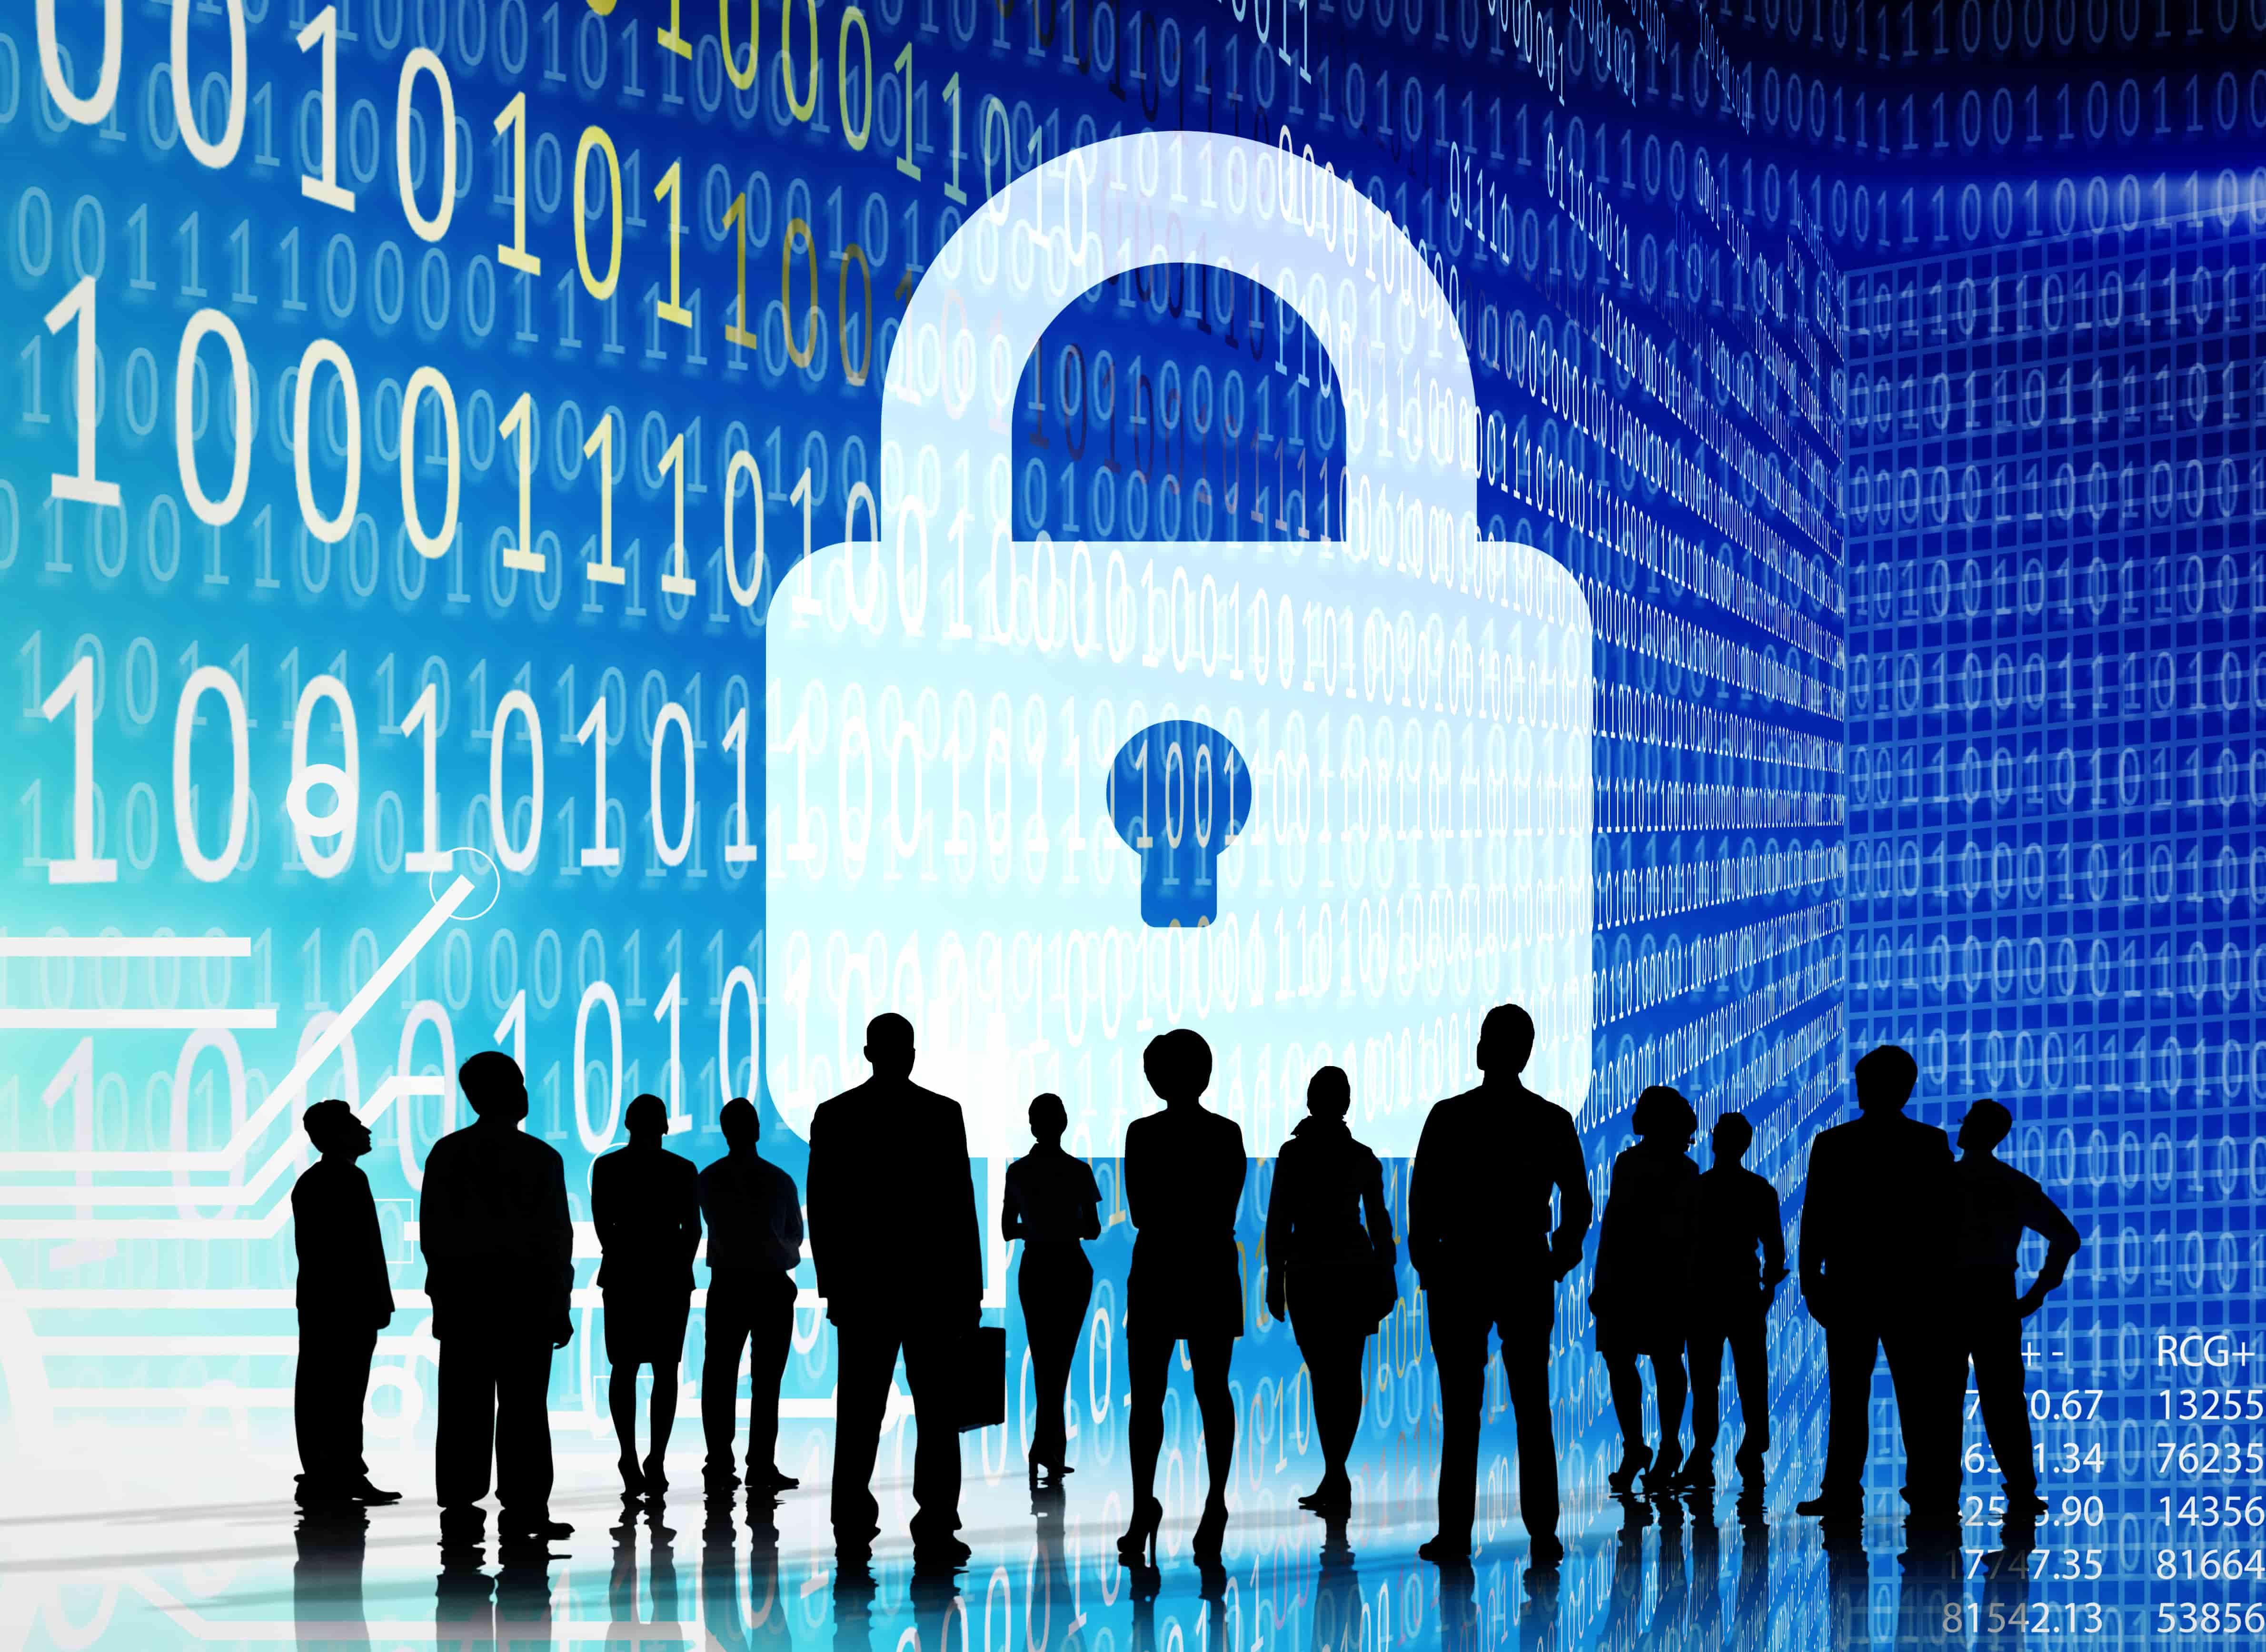 Imagem vetorizada mostrando sombra de pessoas e ao fundo um enorme cadeado representando a segurança e privacidade das pessoas.